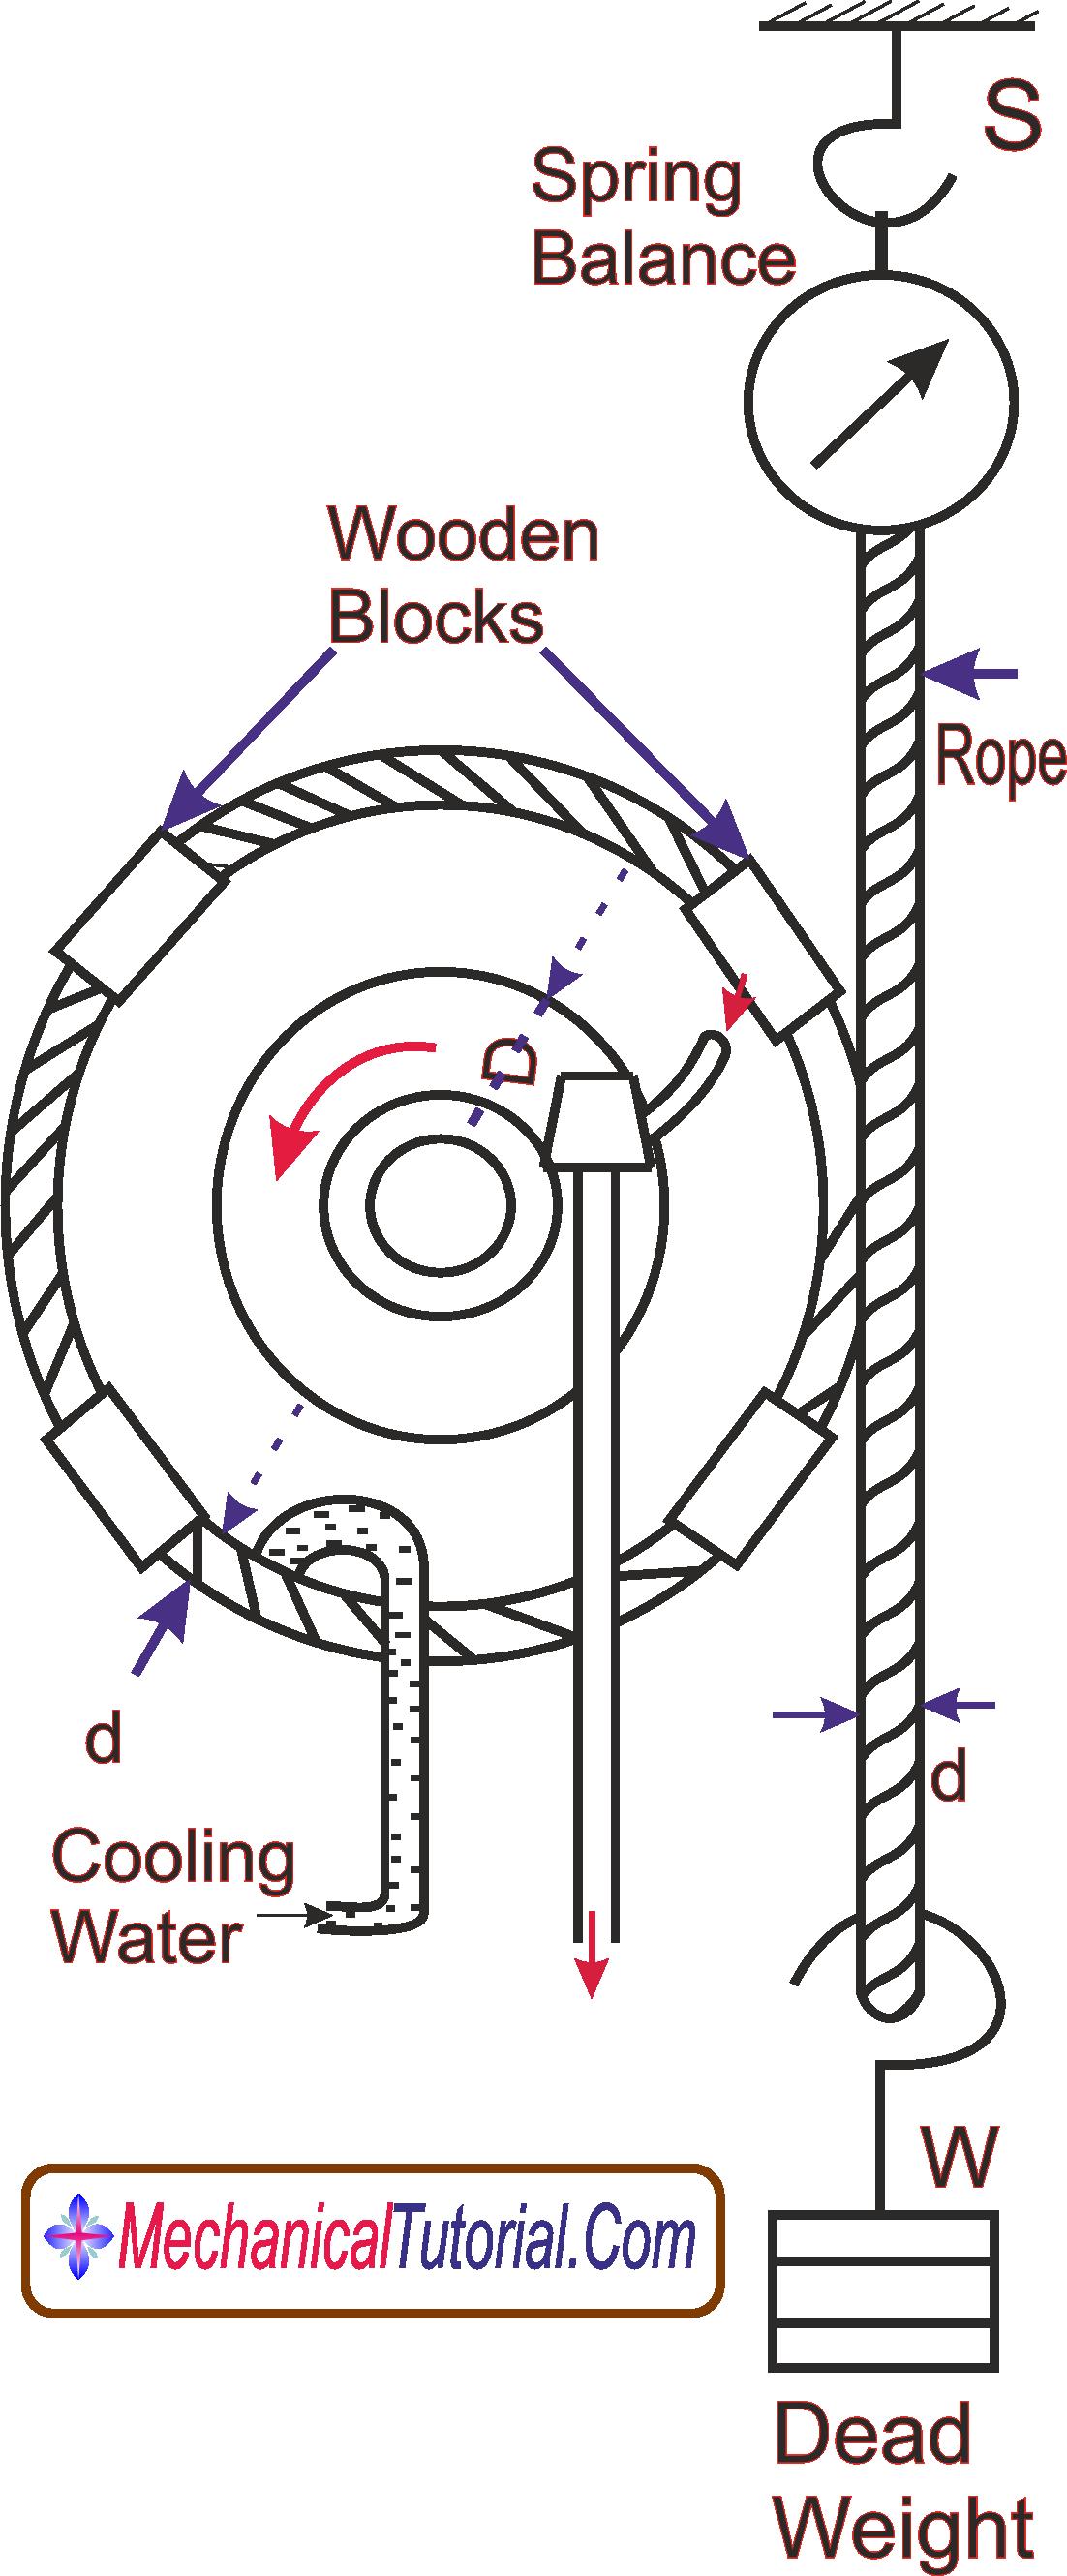 Break Power Measurement Steam Engine MechanicalTutorial